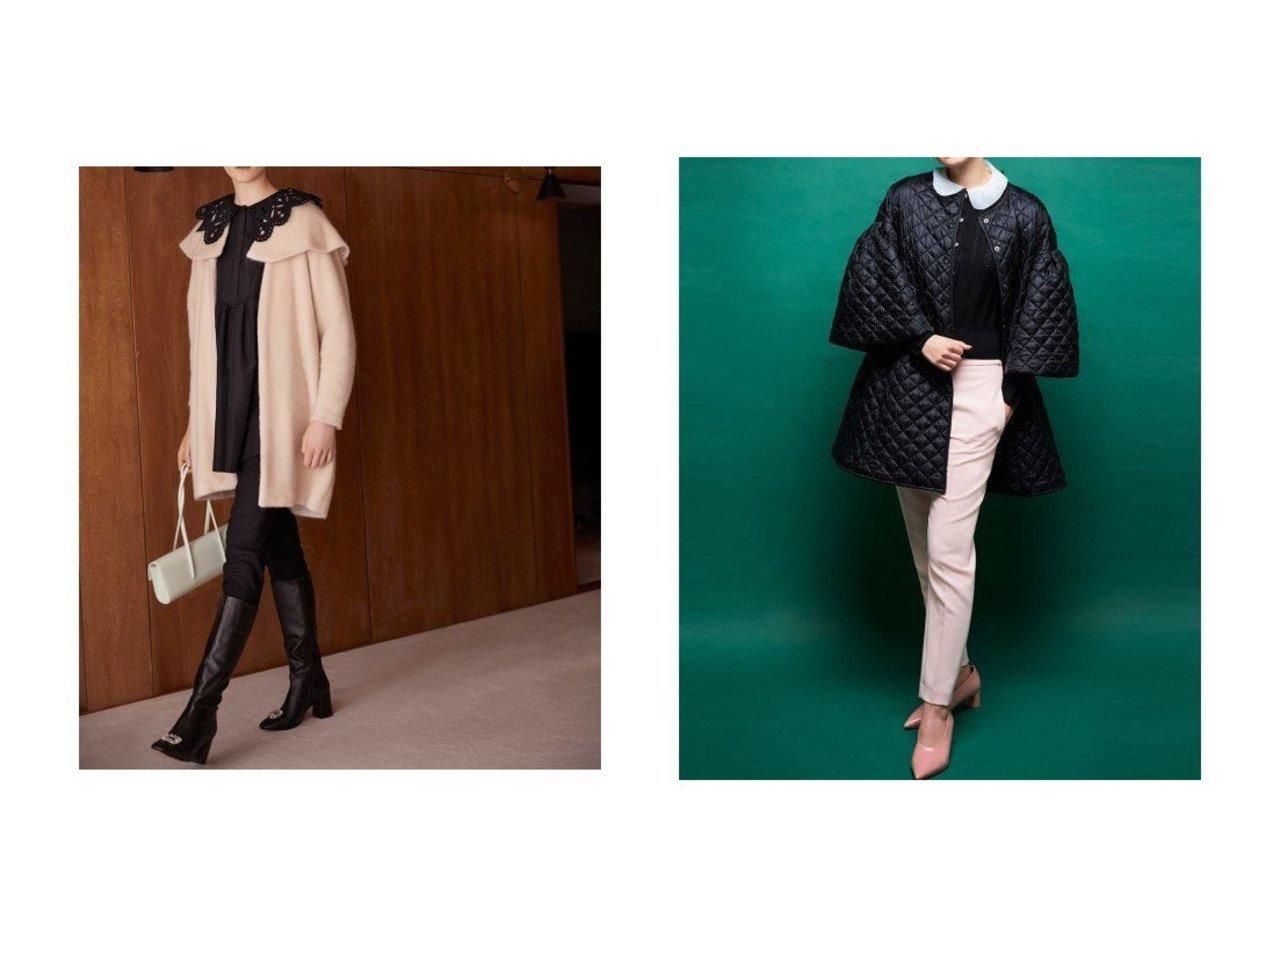 【CELFORD/セルフォード】のスキニーテーパードパンツ 【パンツ】おすすめ!人気、トレンド・レディースファッションの通販 おすすめで人気の流行・トレンド、ファッションの通販商品 インテリア・家具・メンズファッション・キッズファッション・レディースファッション・服の通販 founy(ファニー) https://founy.com/ ファッション Fashion レディースファッション WOMEN パンツ Pants おすすめ Recommend ストレッチ スマート センター ポケット リラックス 人気 |ID:crp329100000066455